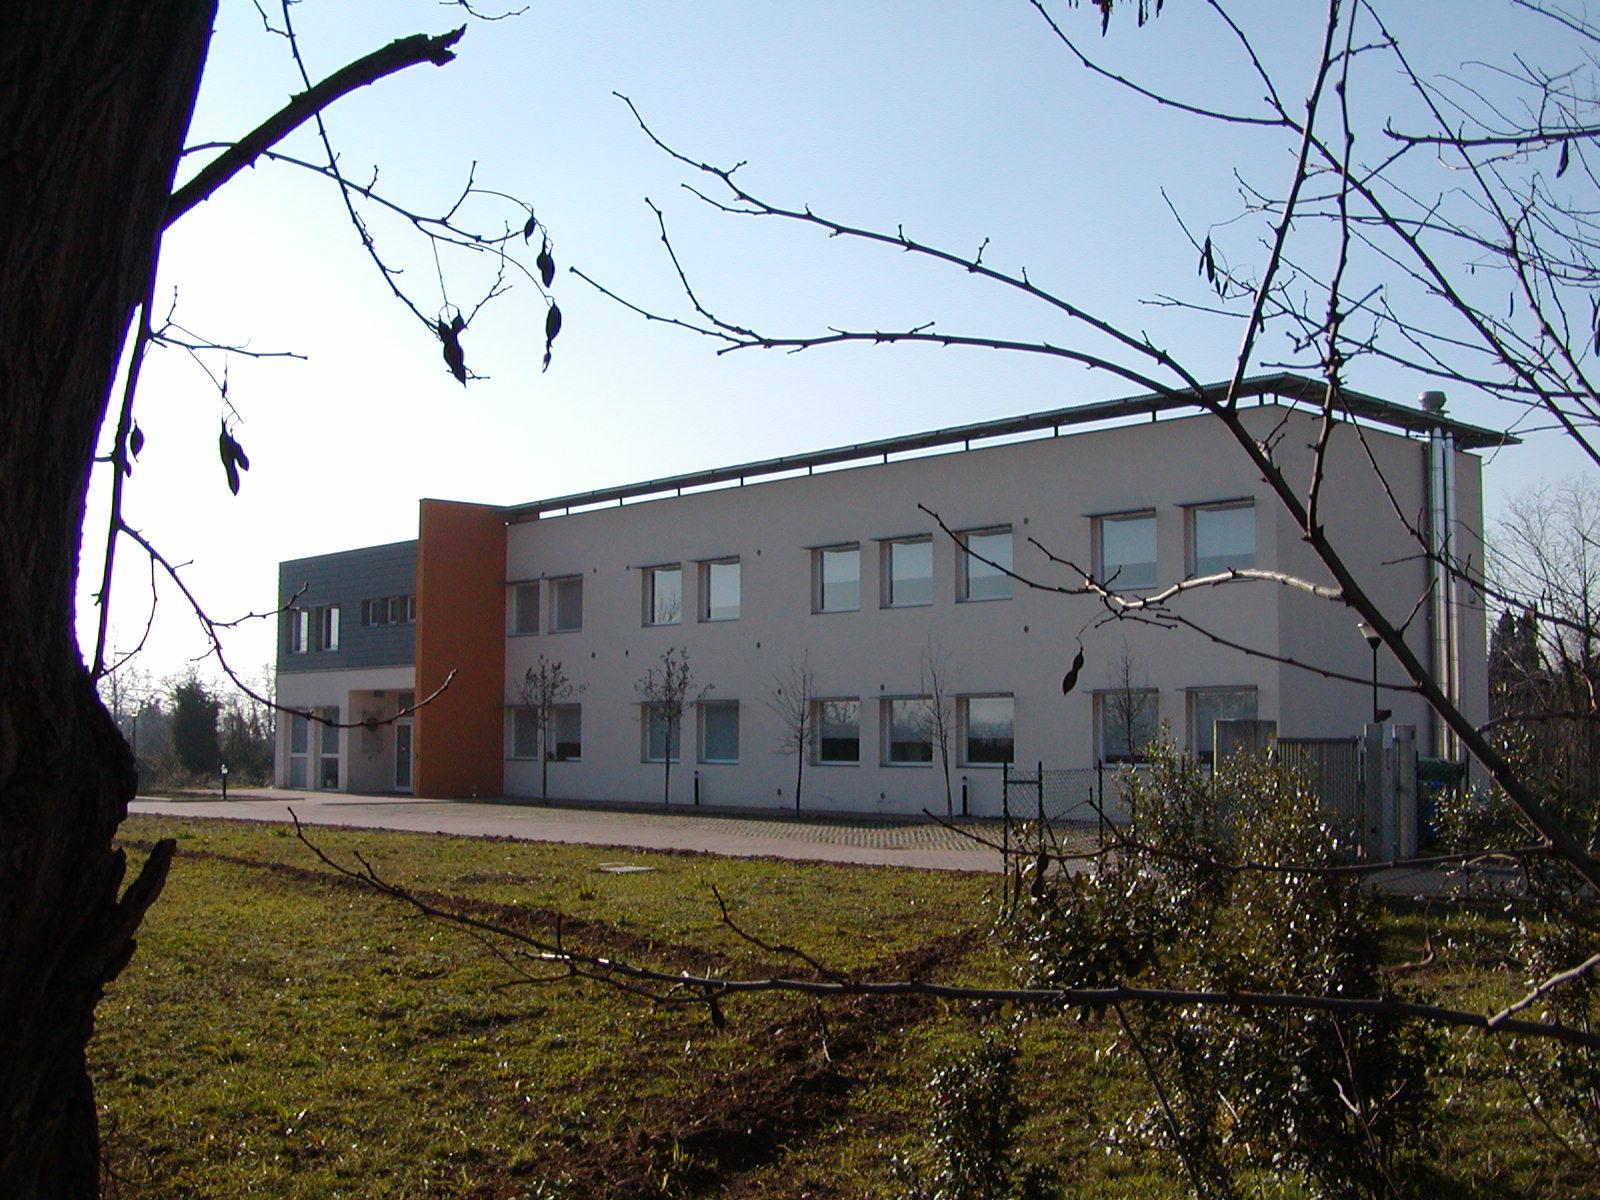 Studio-di-architettura-Baisotti-Sigala-prgetti18